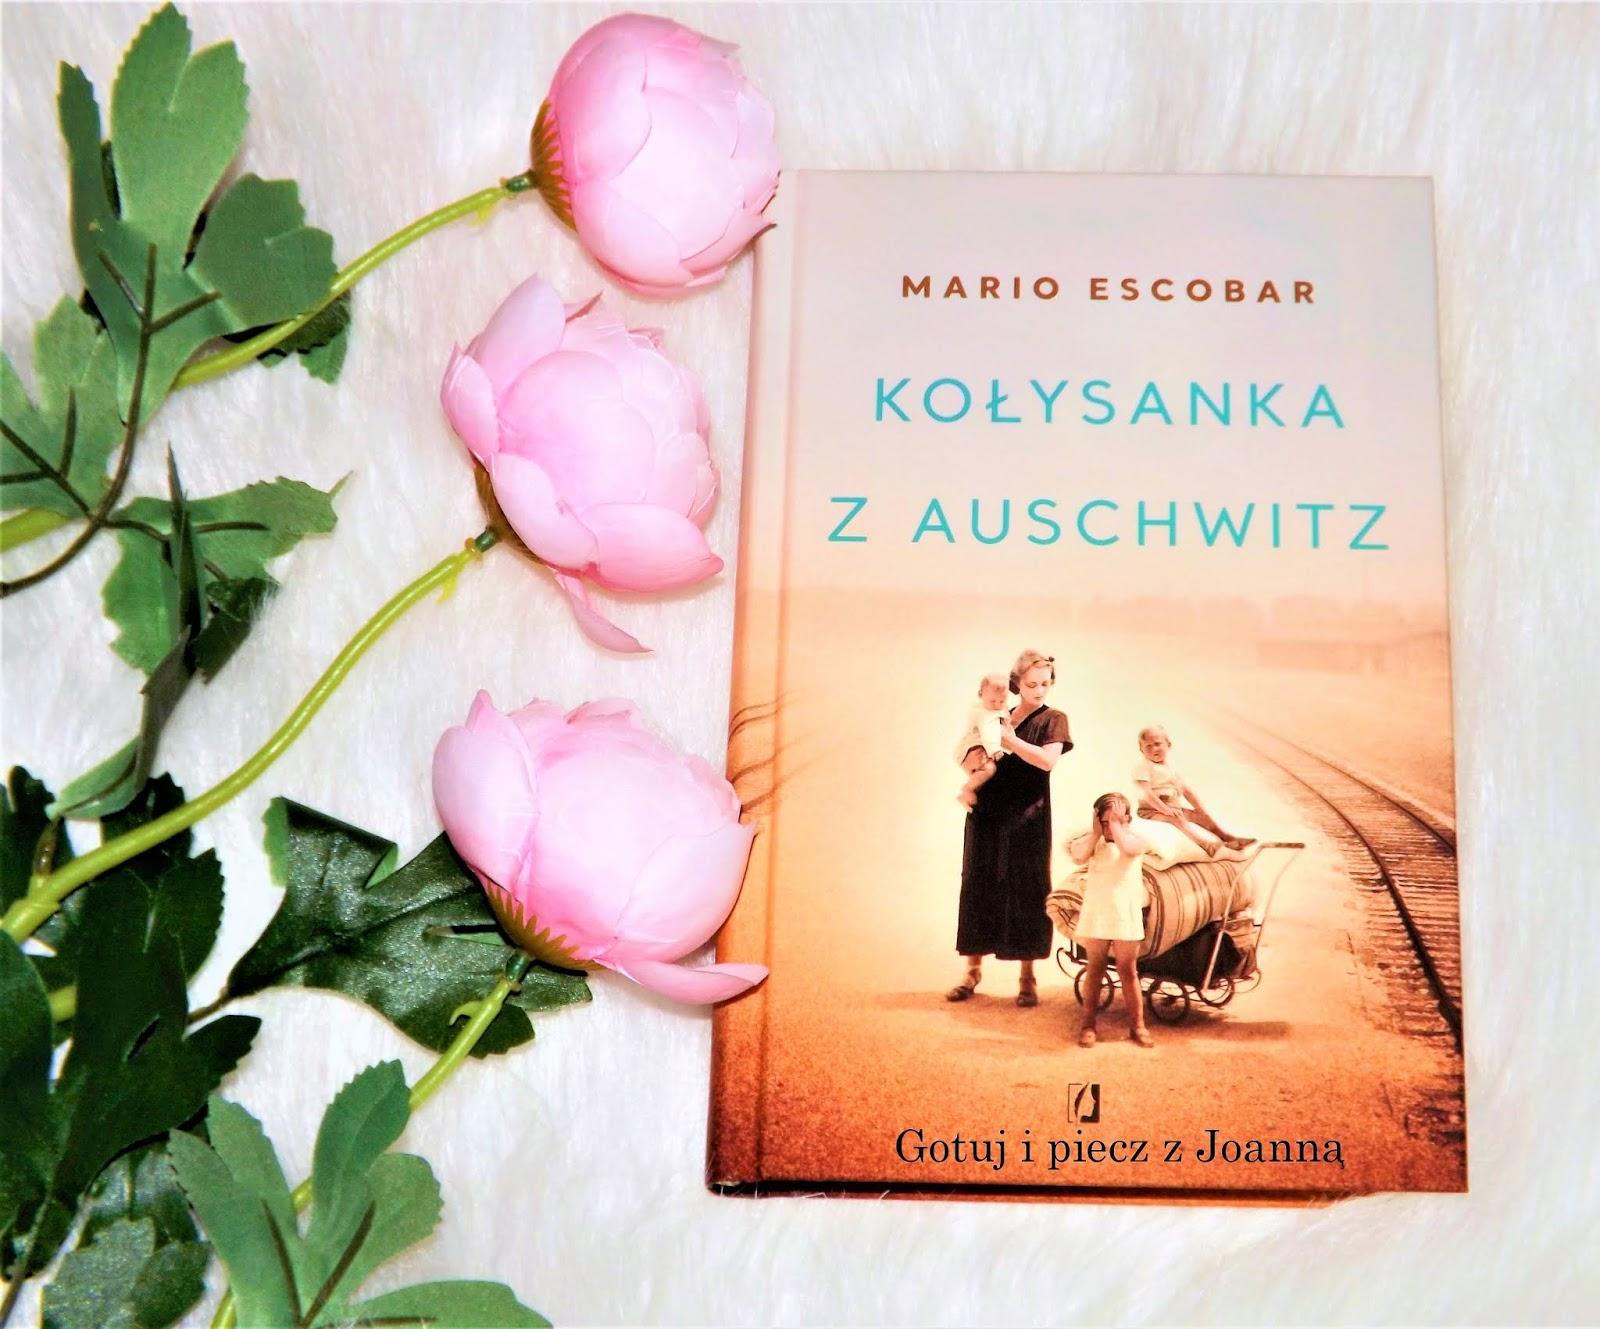 Kołysanka z Auschwitz-Mario Escobar